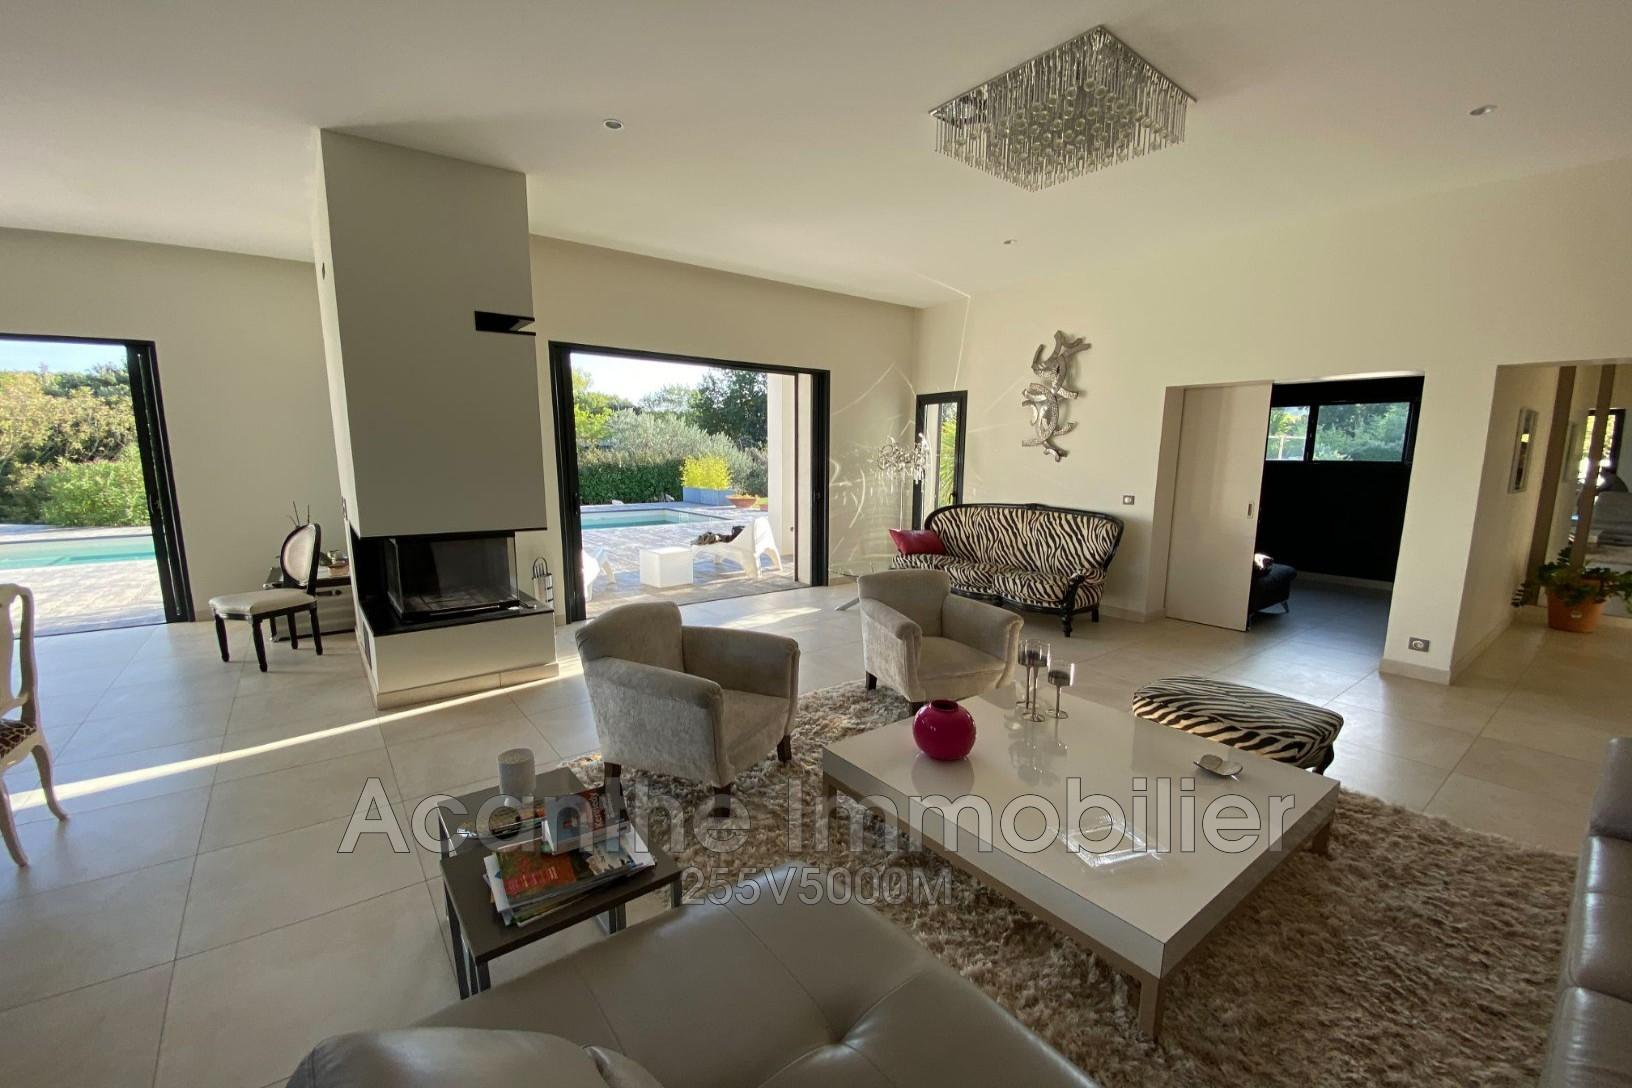 Vente Maison Villa Saint-Mathieu-De-Tréviers 34270 - 988 000 ... destiné Piscine St Mathieu De Treviers